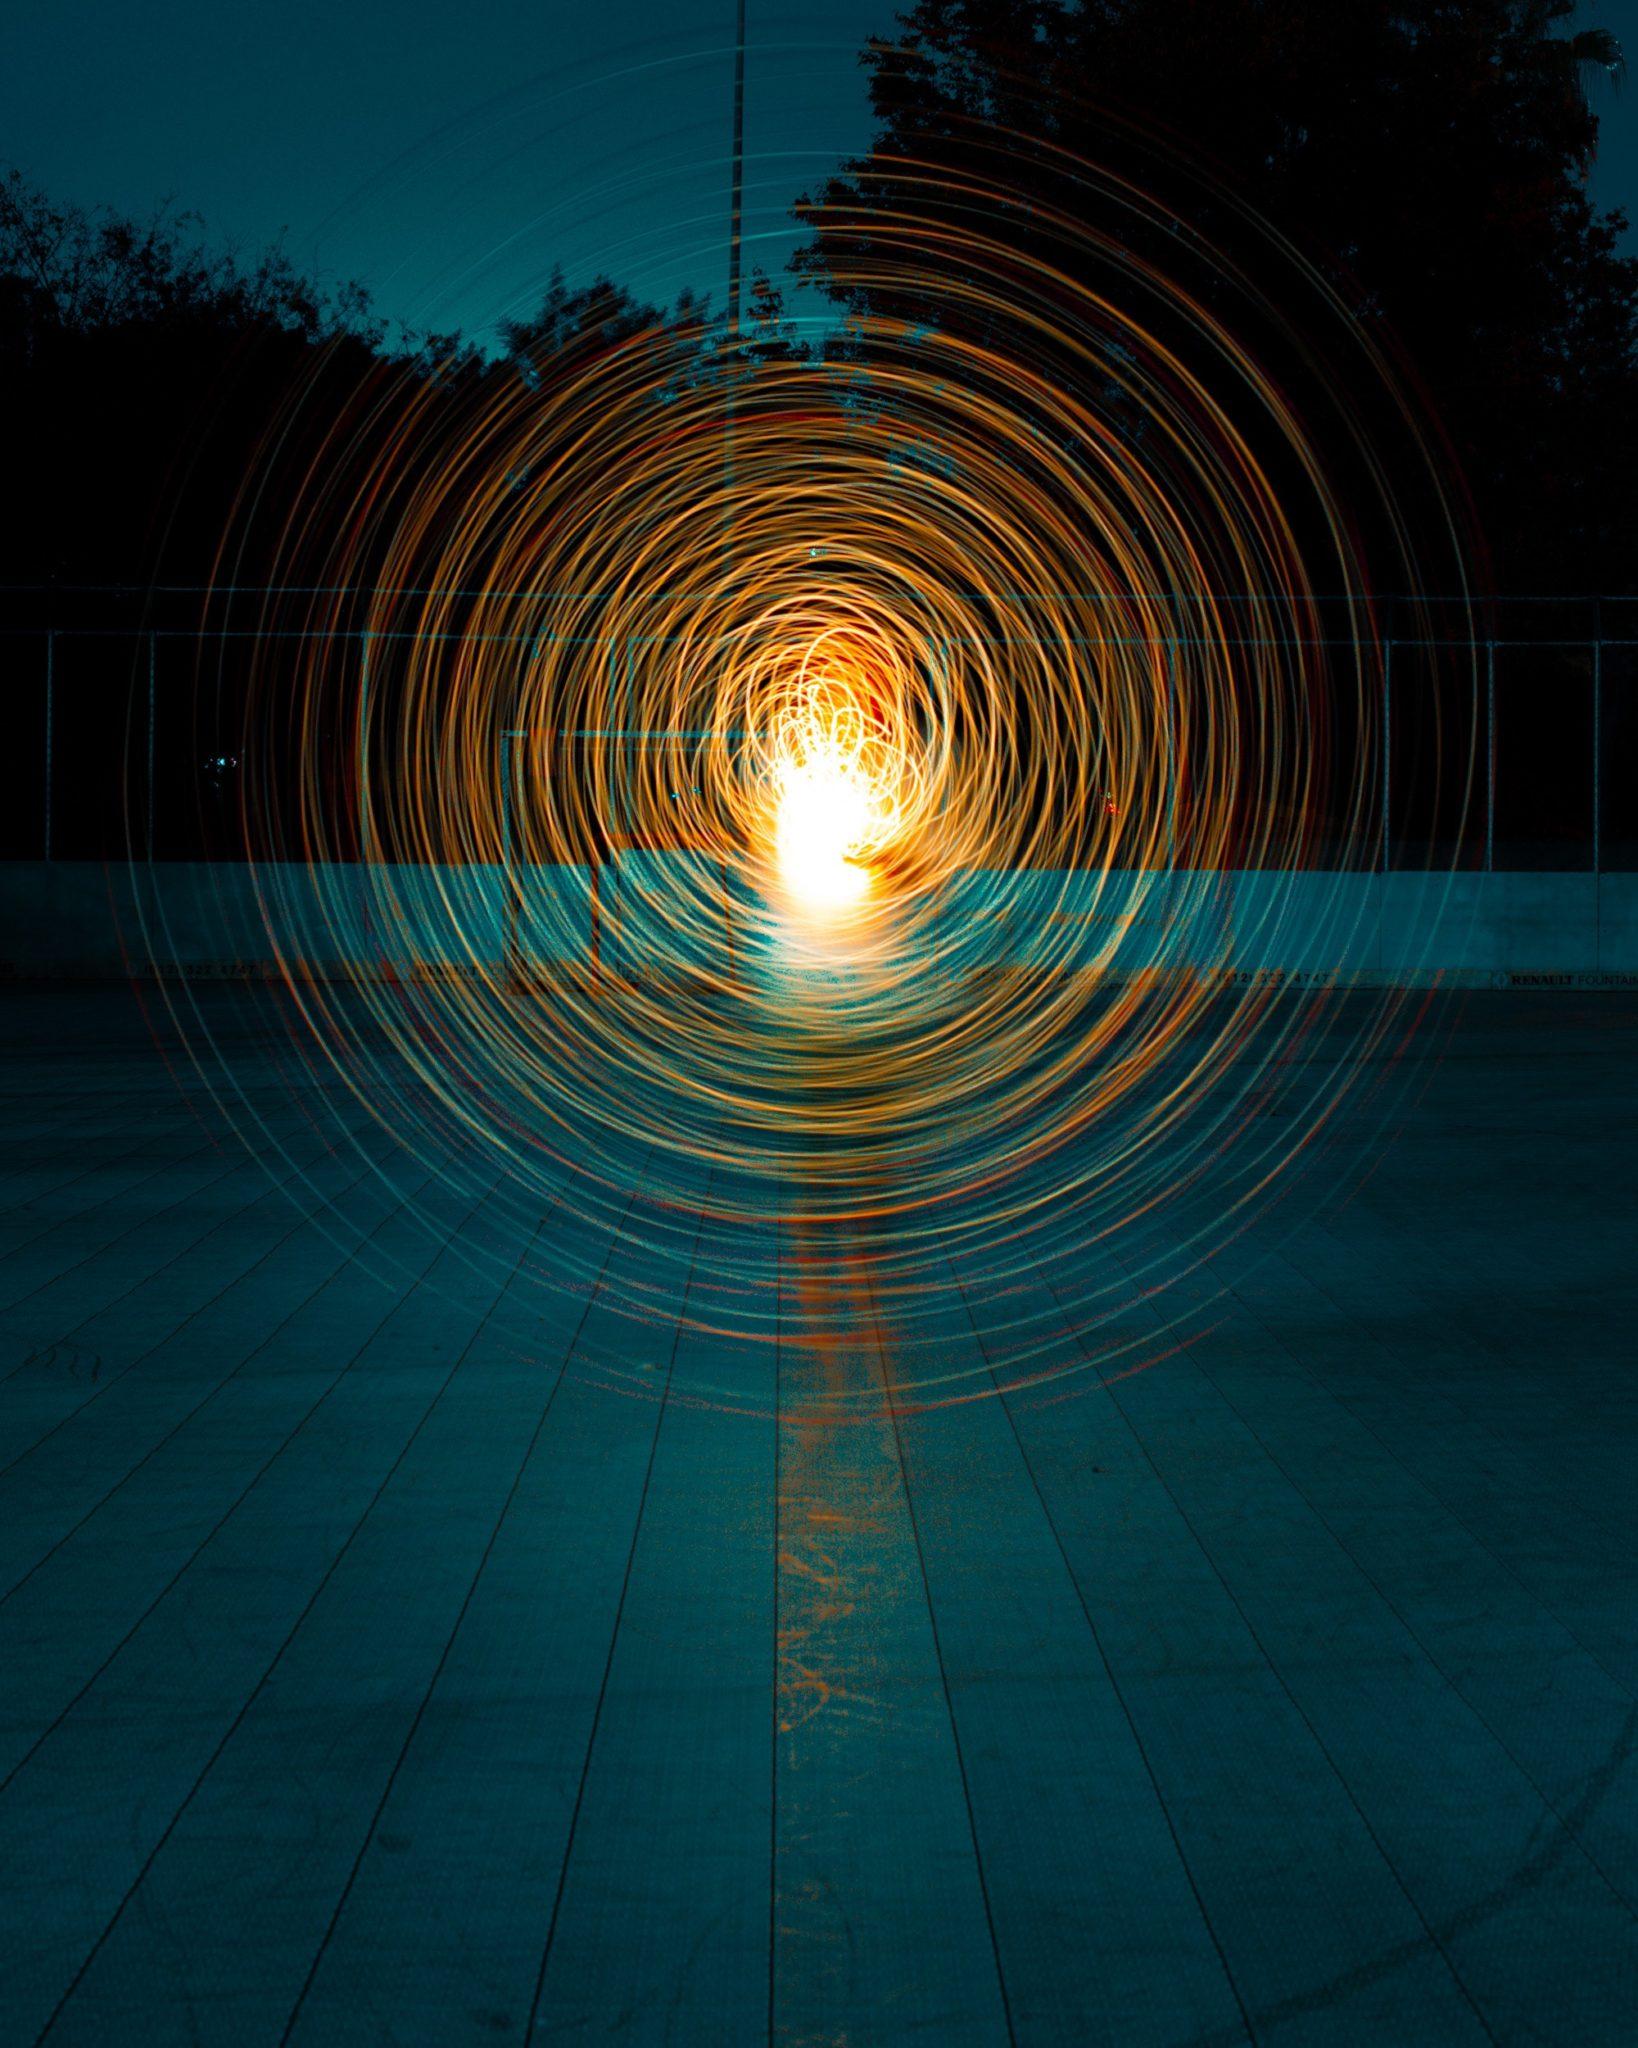 incluso las ondas de luz que se muestran aquí son limitadas a diferencia del espíritu incorpóreo eterno del padre